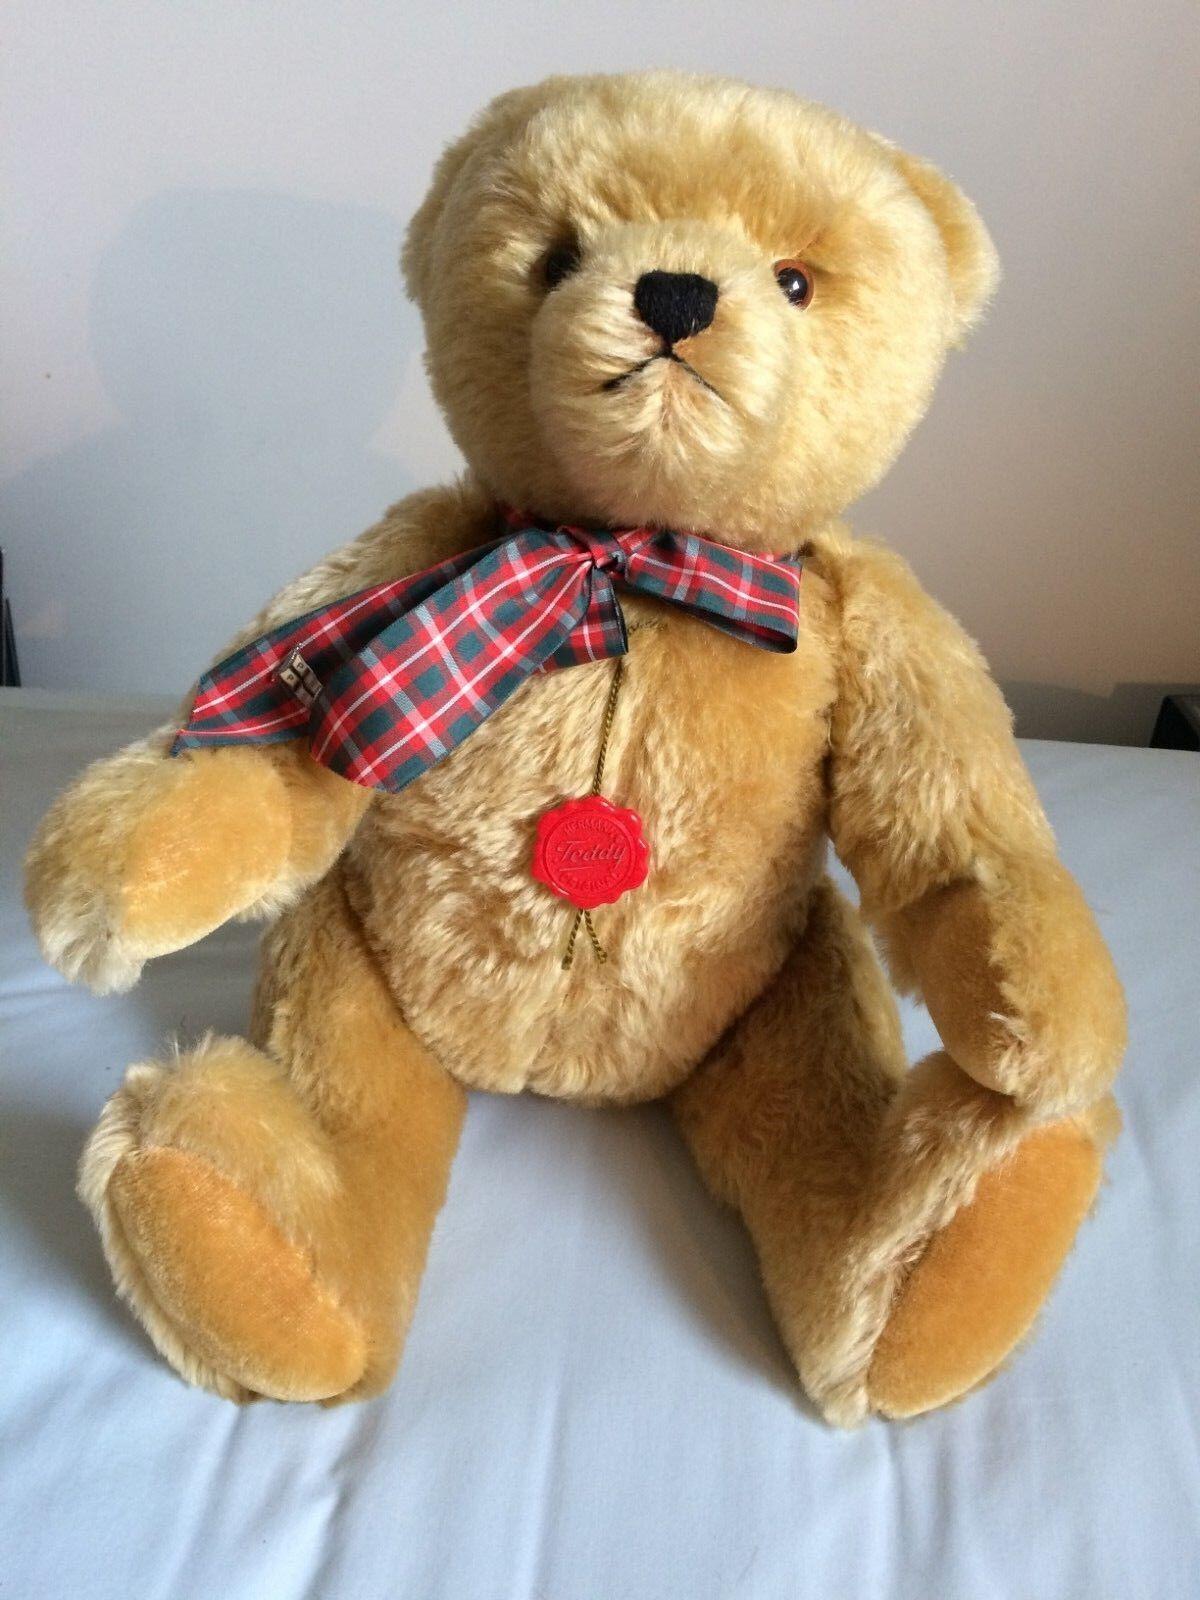 Hermann Teddy Teddy Teddy Bear D-96112 HIRSCHAID 8d2d0c